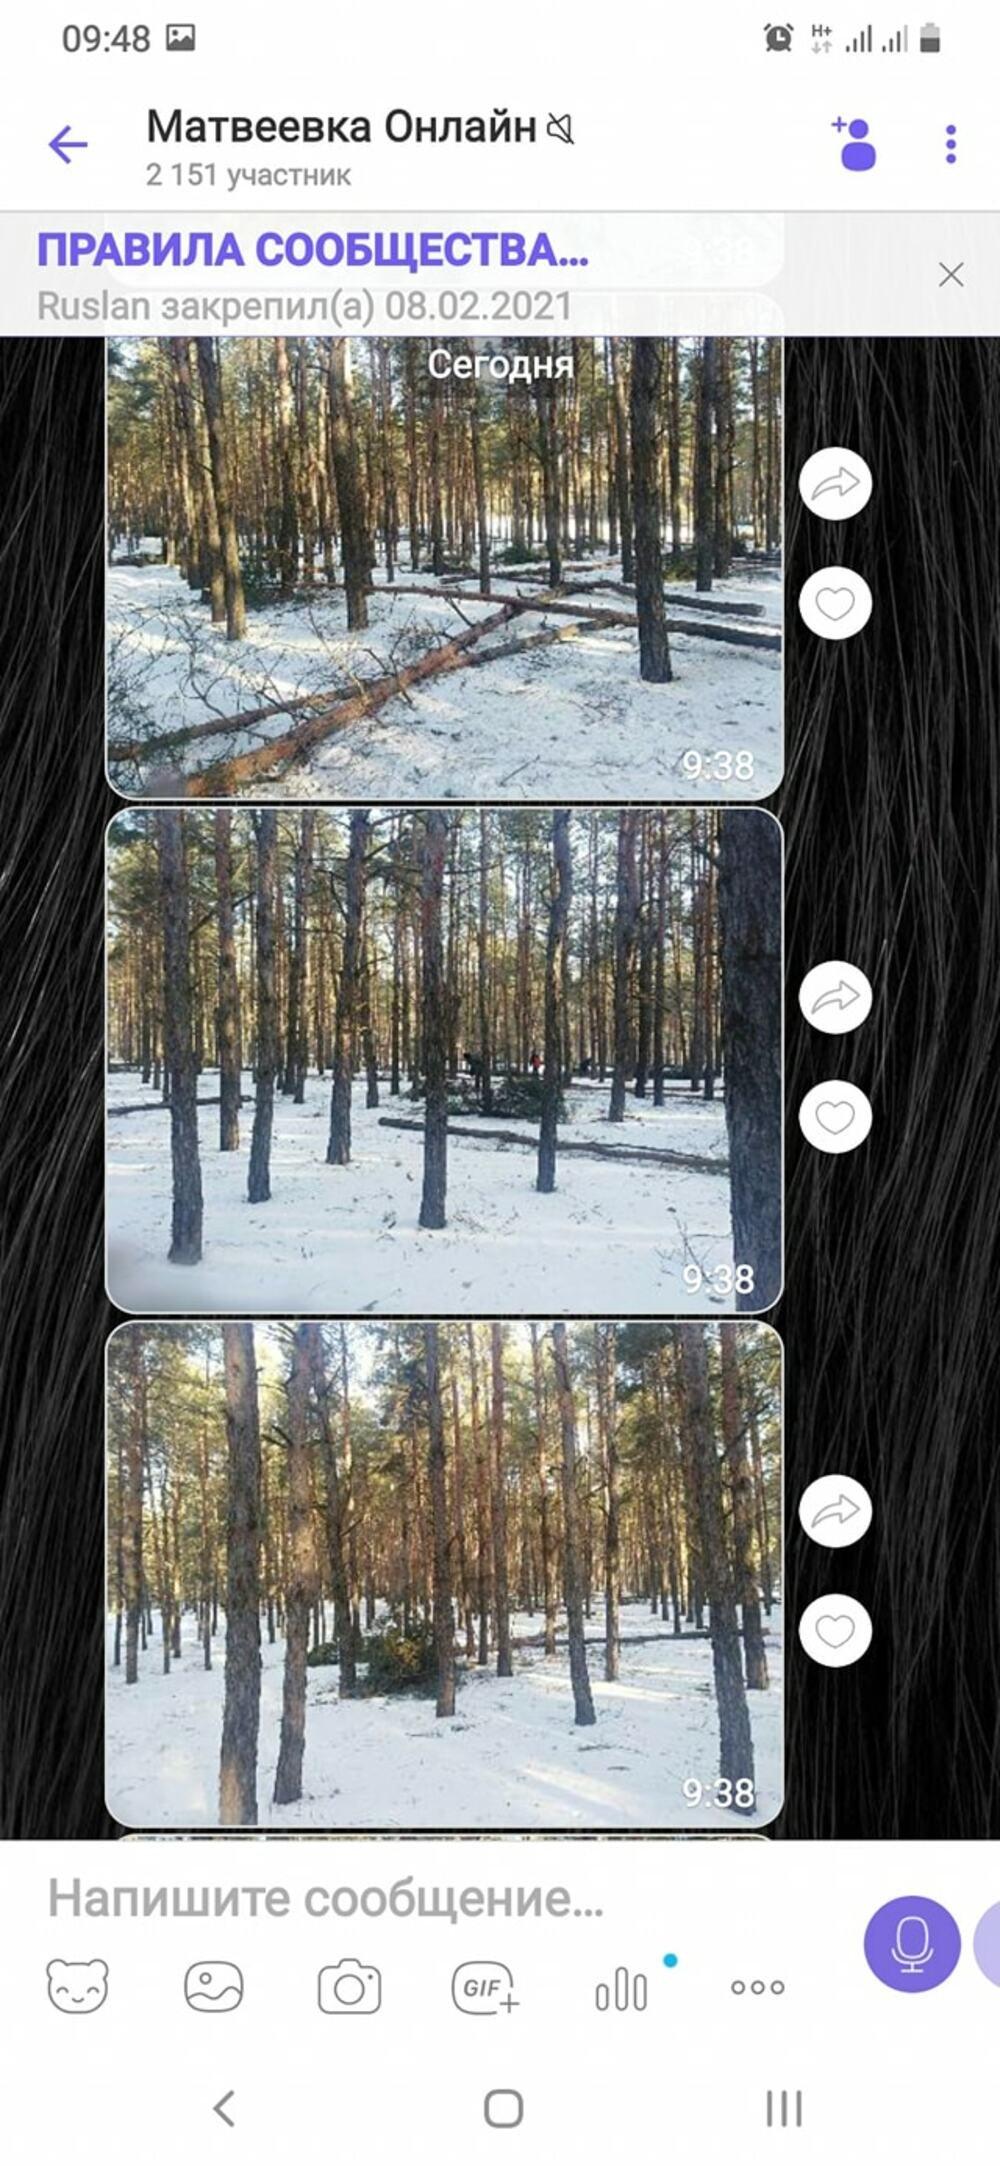 Вырубка и вывоз деревьев, Вырубка деревьев в Матвеевском урочище